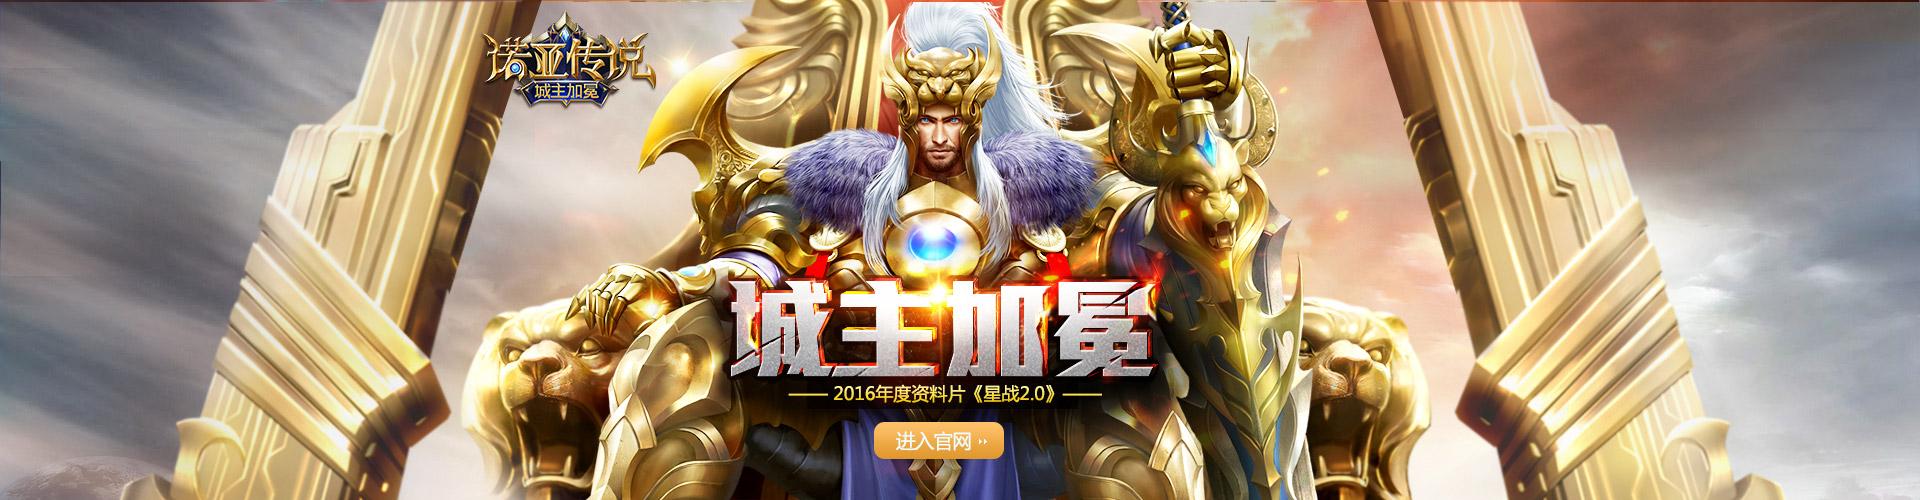 诺亚传说官方网站